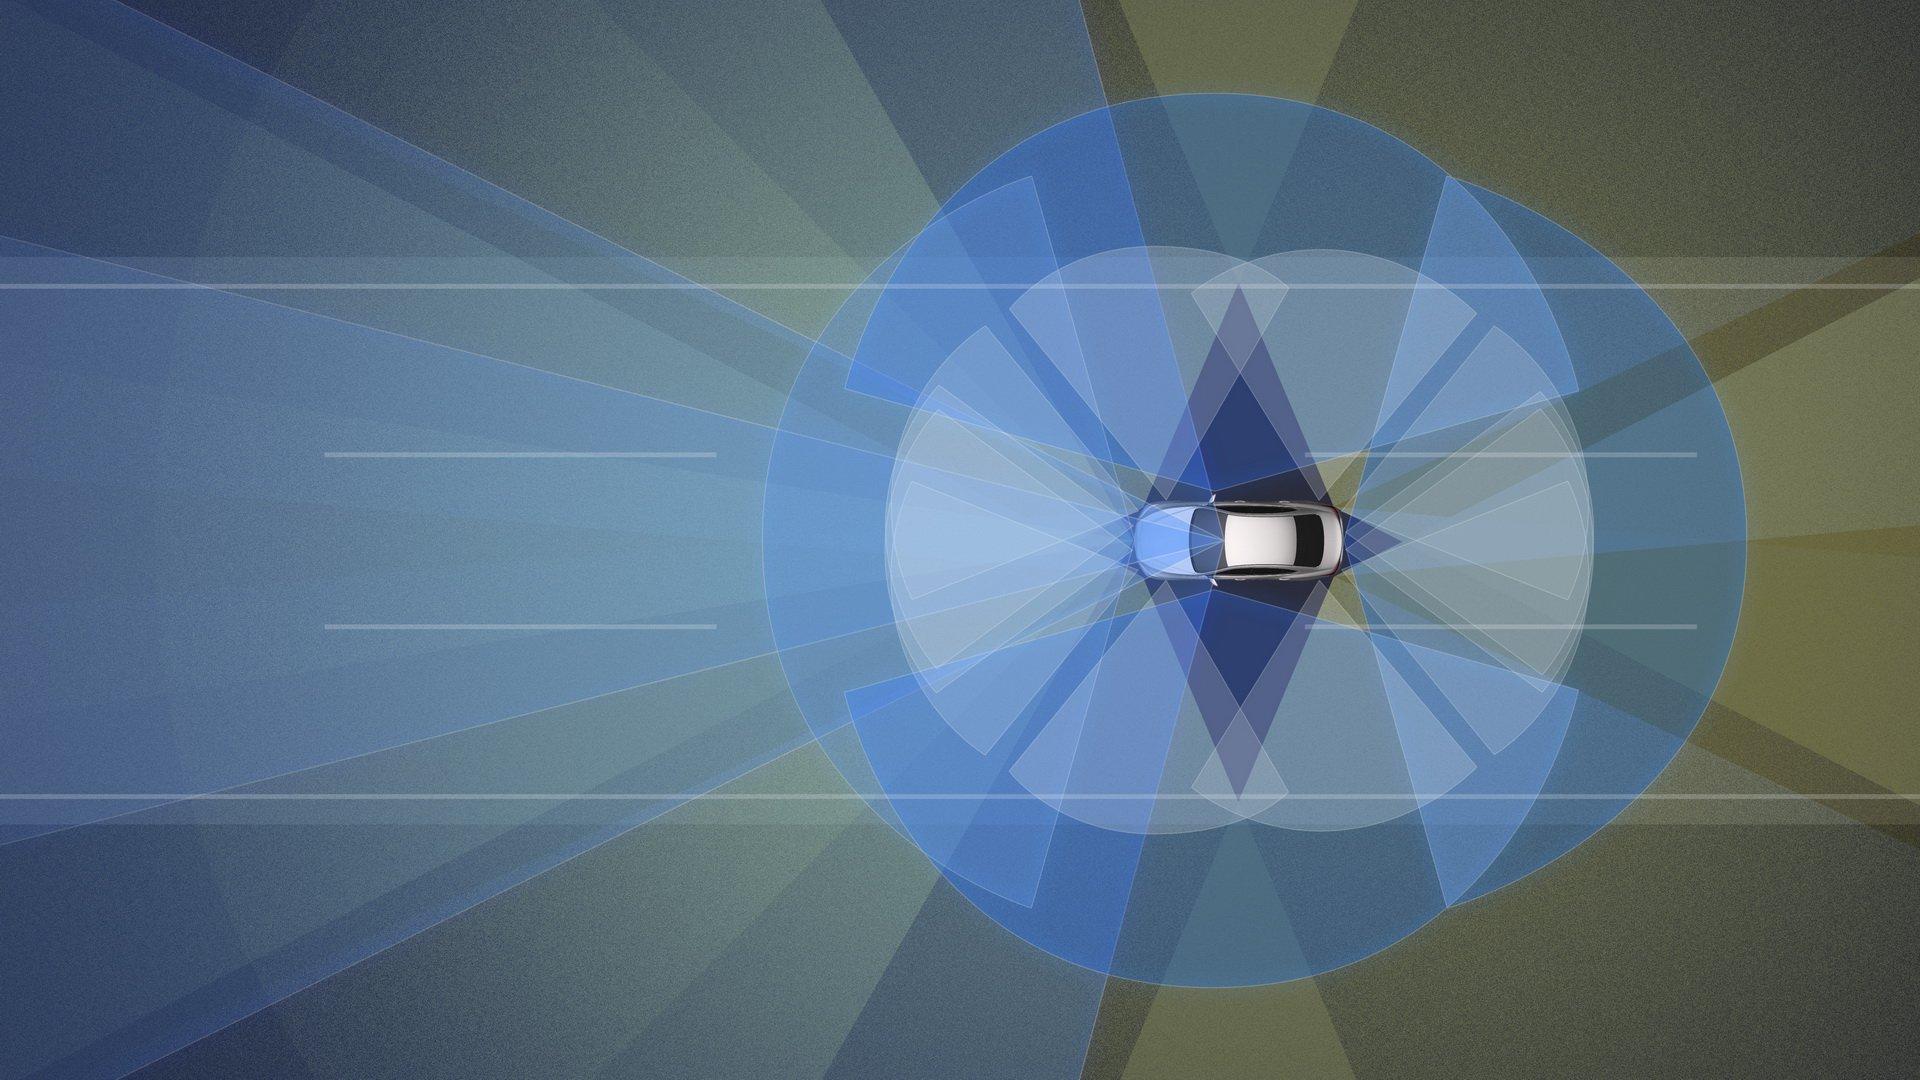 Nissan phát triển công nghệ xe tự lái ProPILOT 2.0 - 4